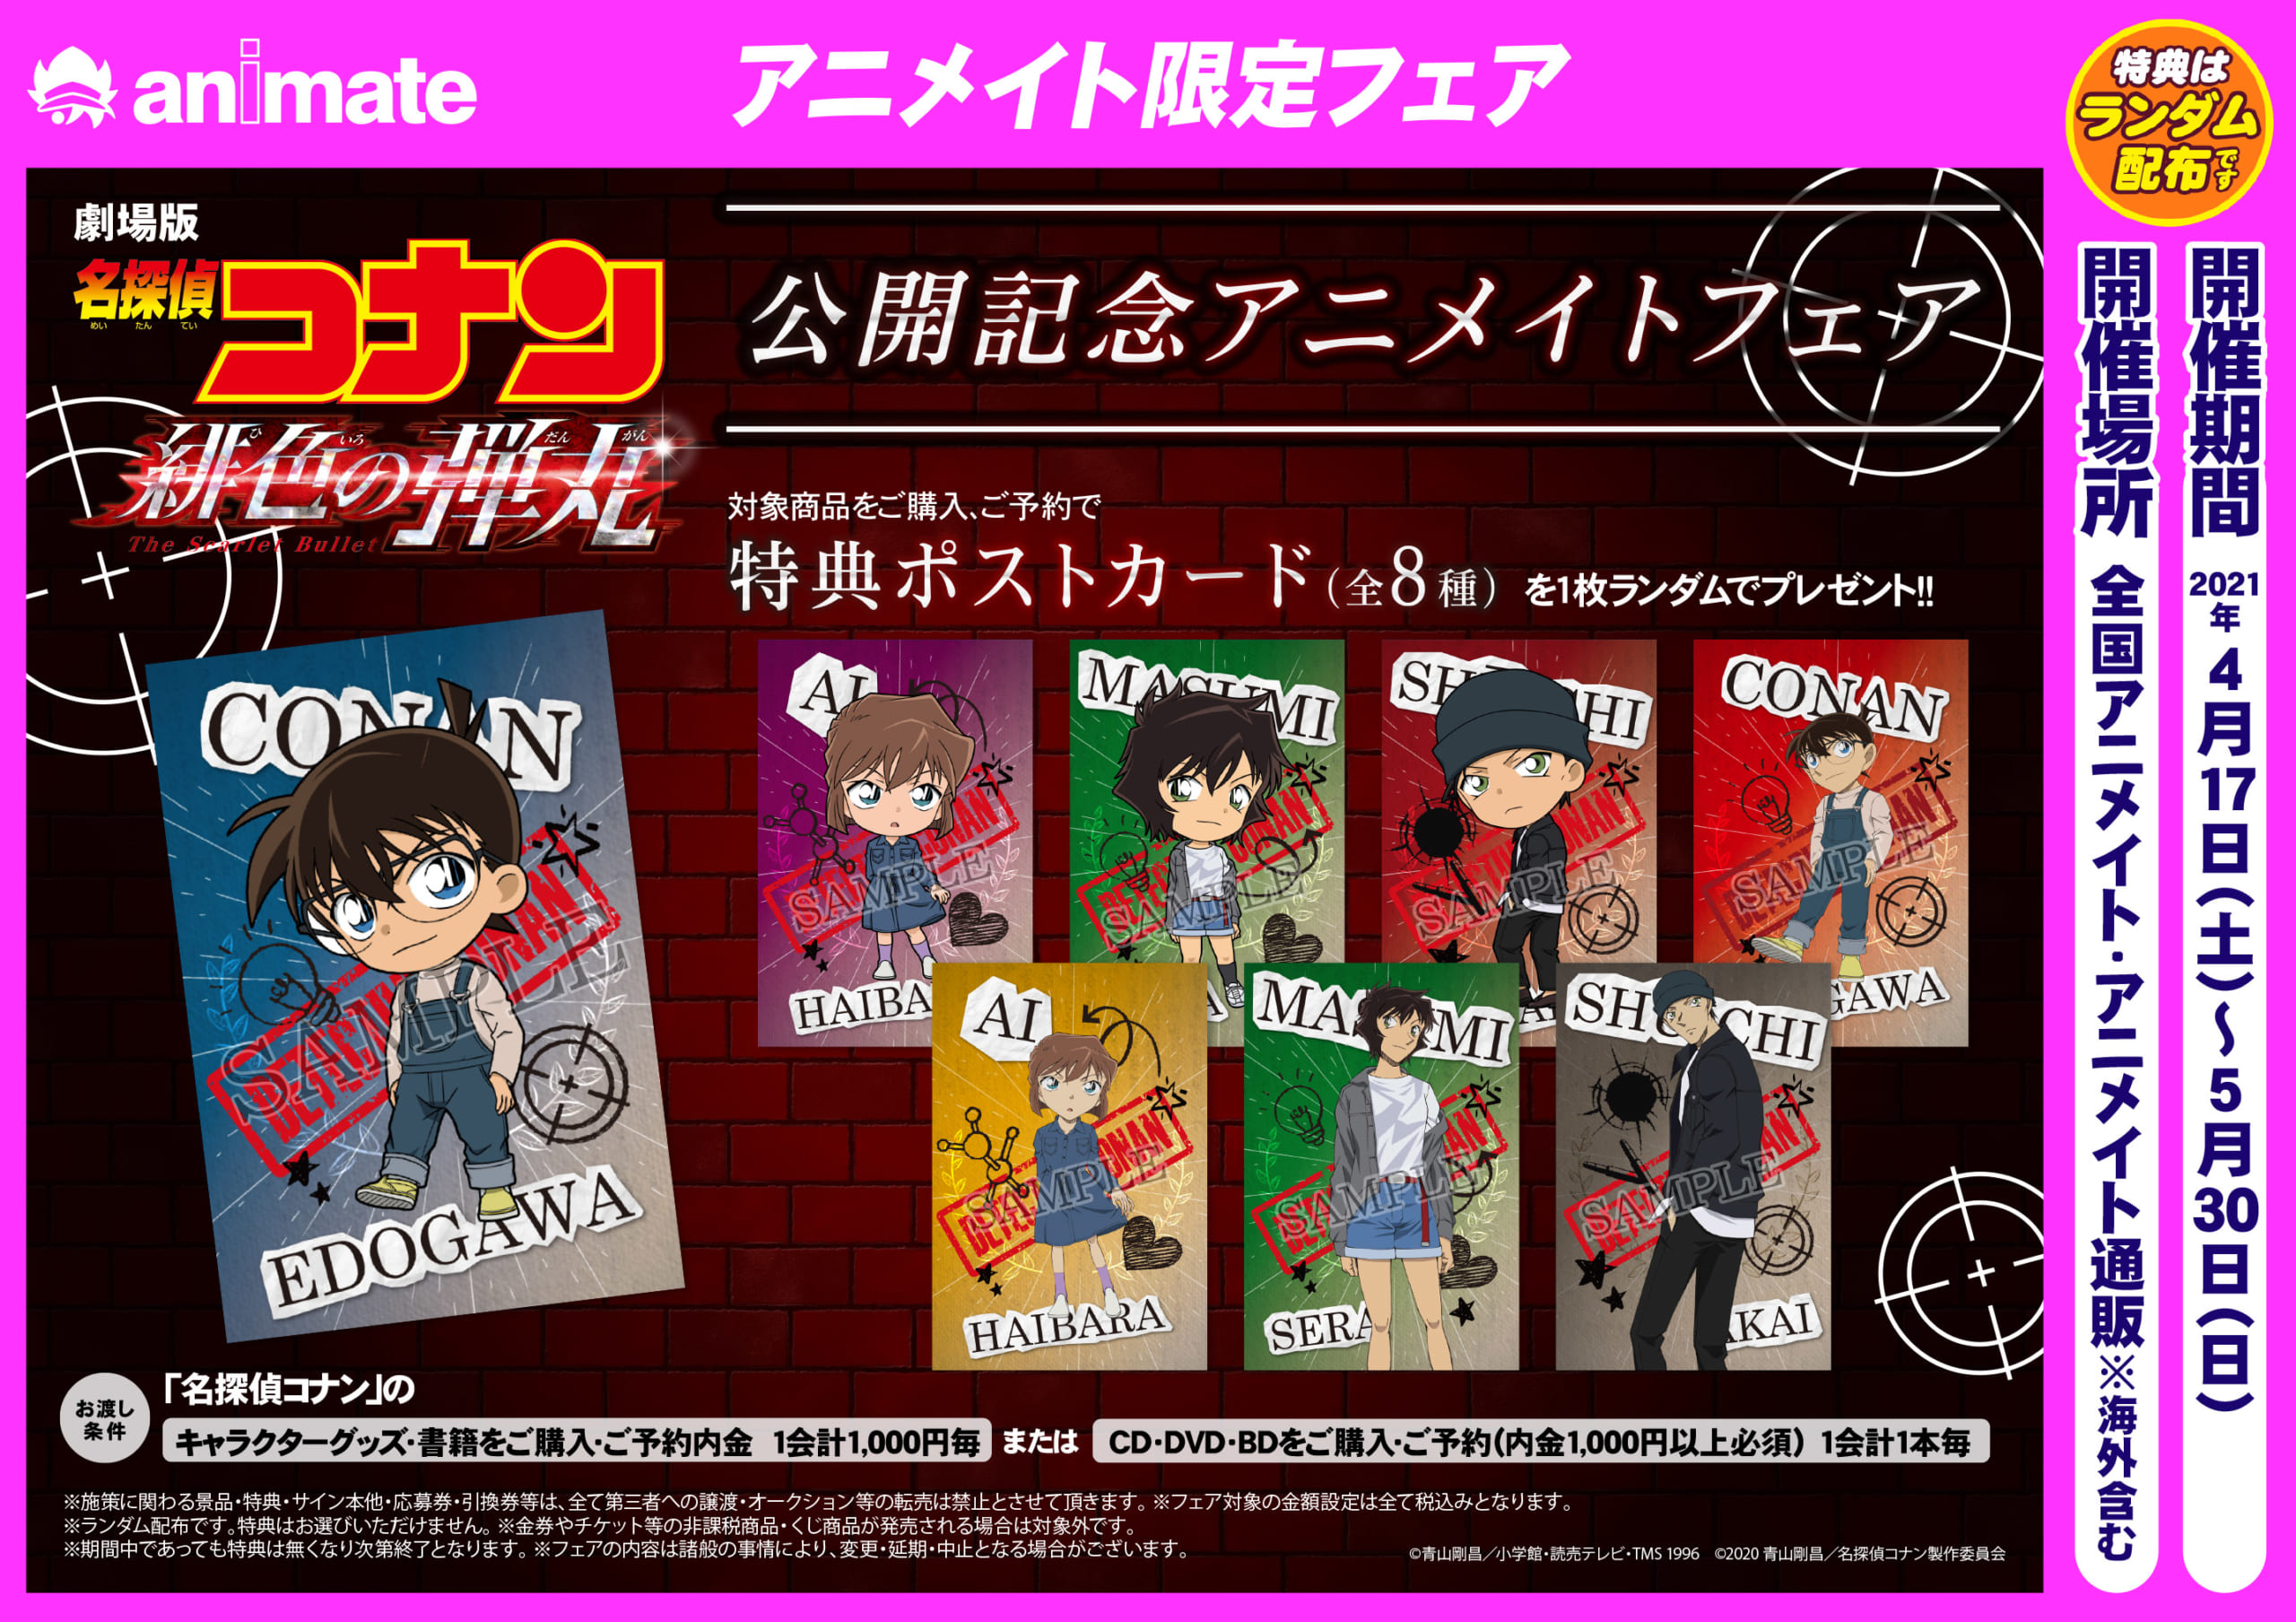 「名探偵コナン」アニメイトフェア開催決定!グッズを買ってポストカードをゲットしよう